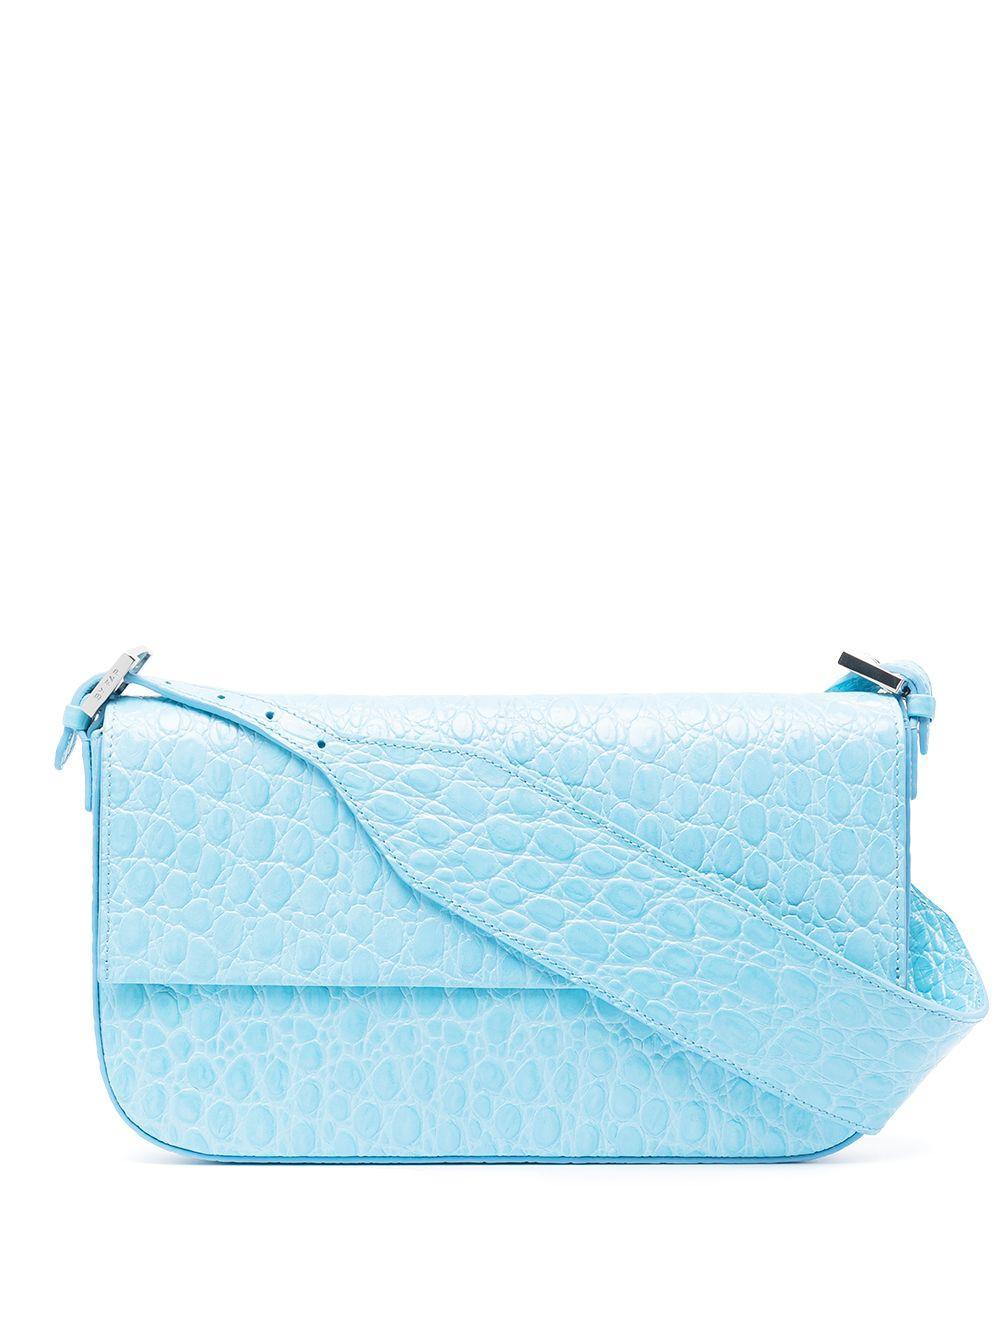 Manu Croco Bag